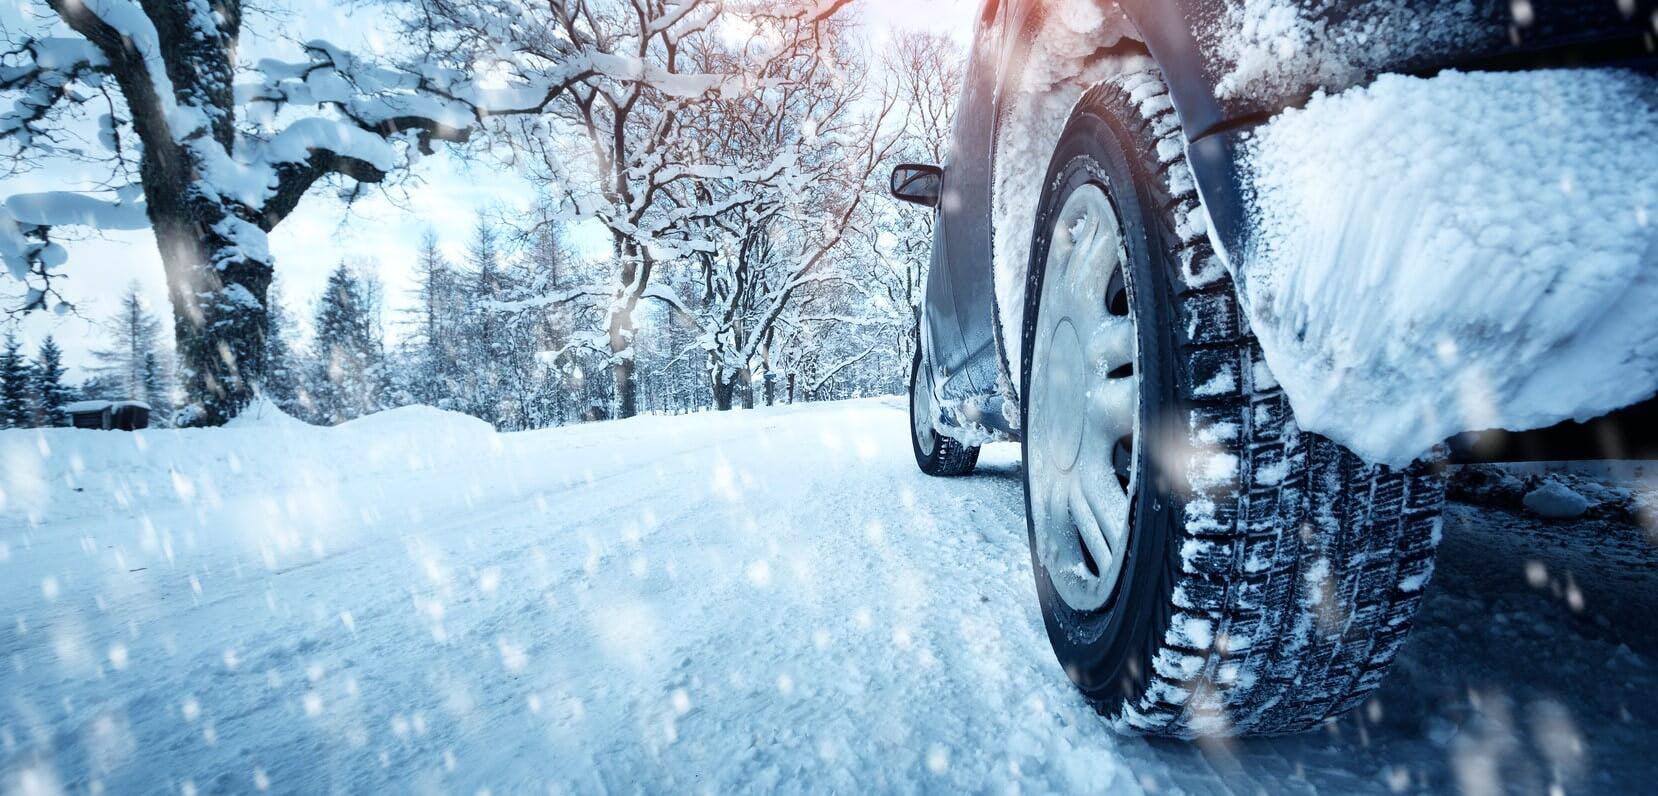 Photographie montrant une voiture équipée de pneus à neige